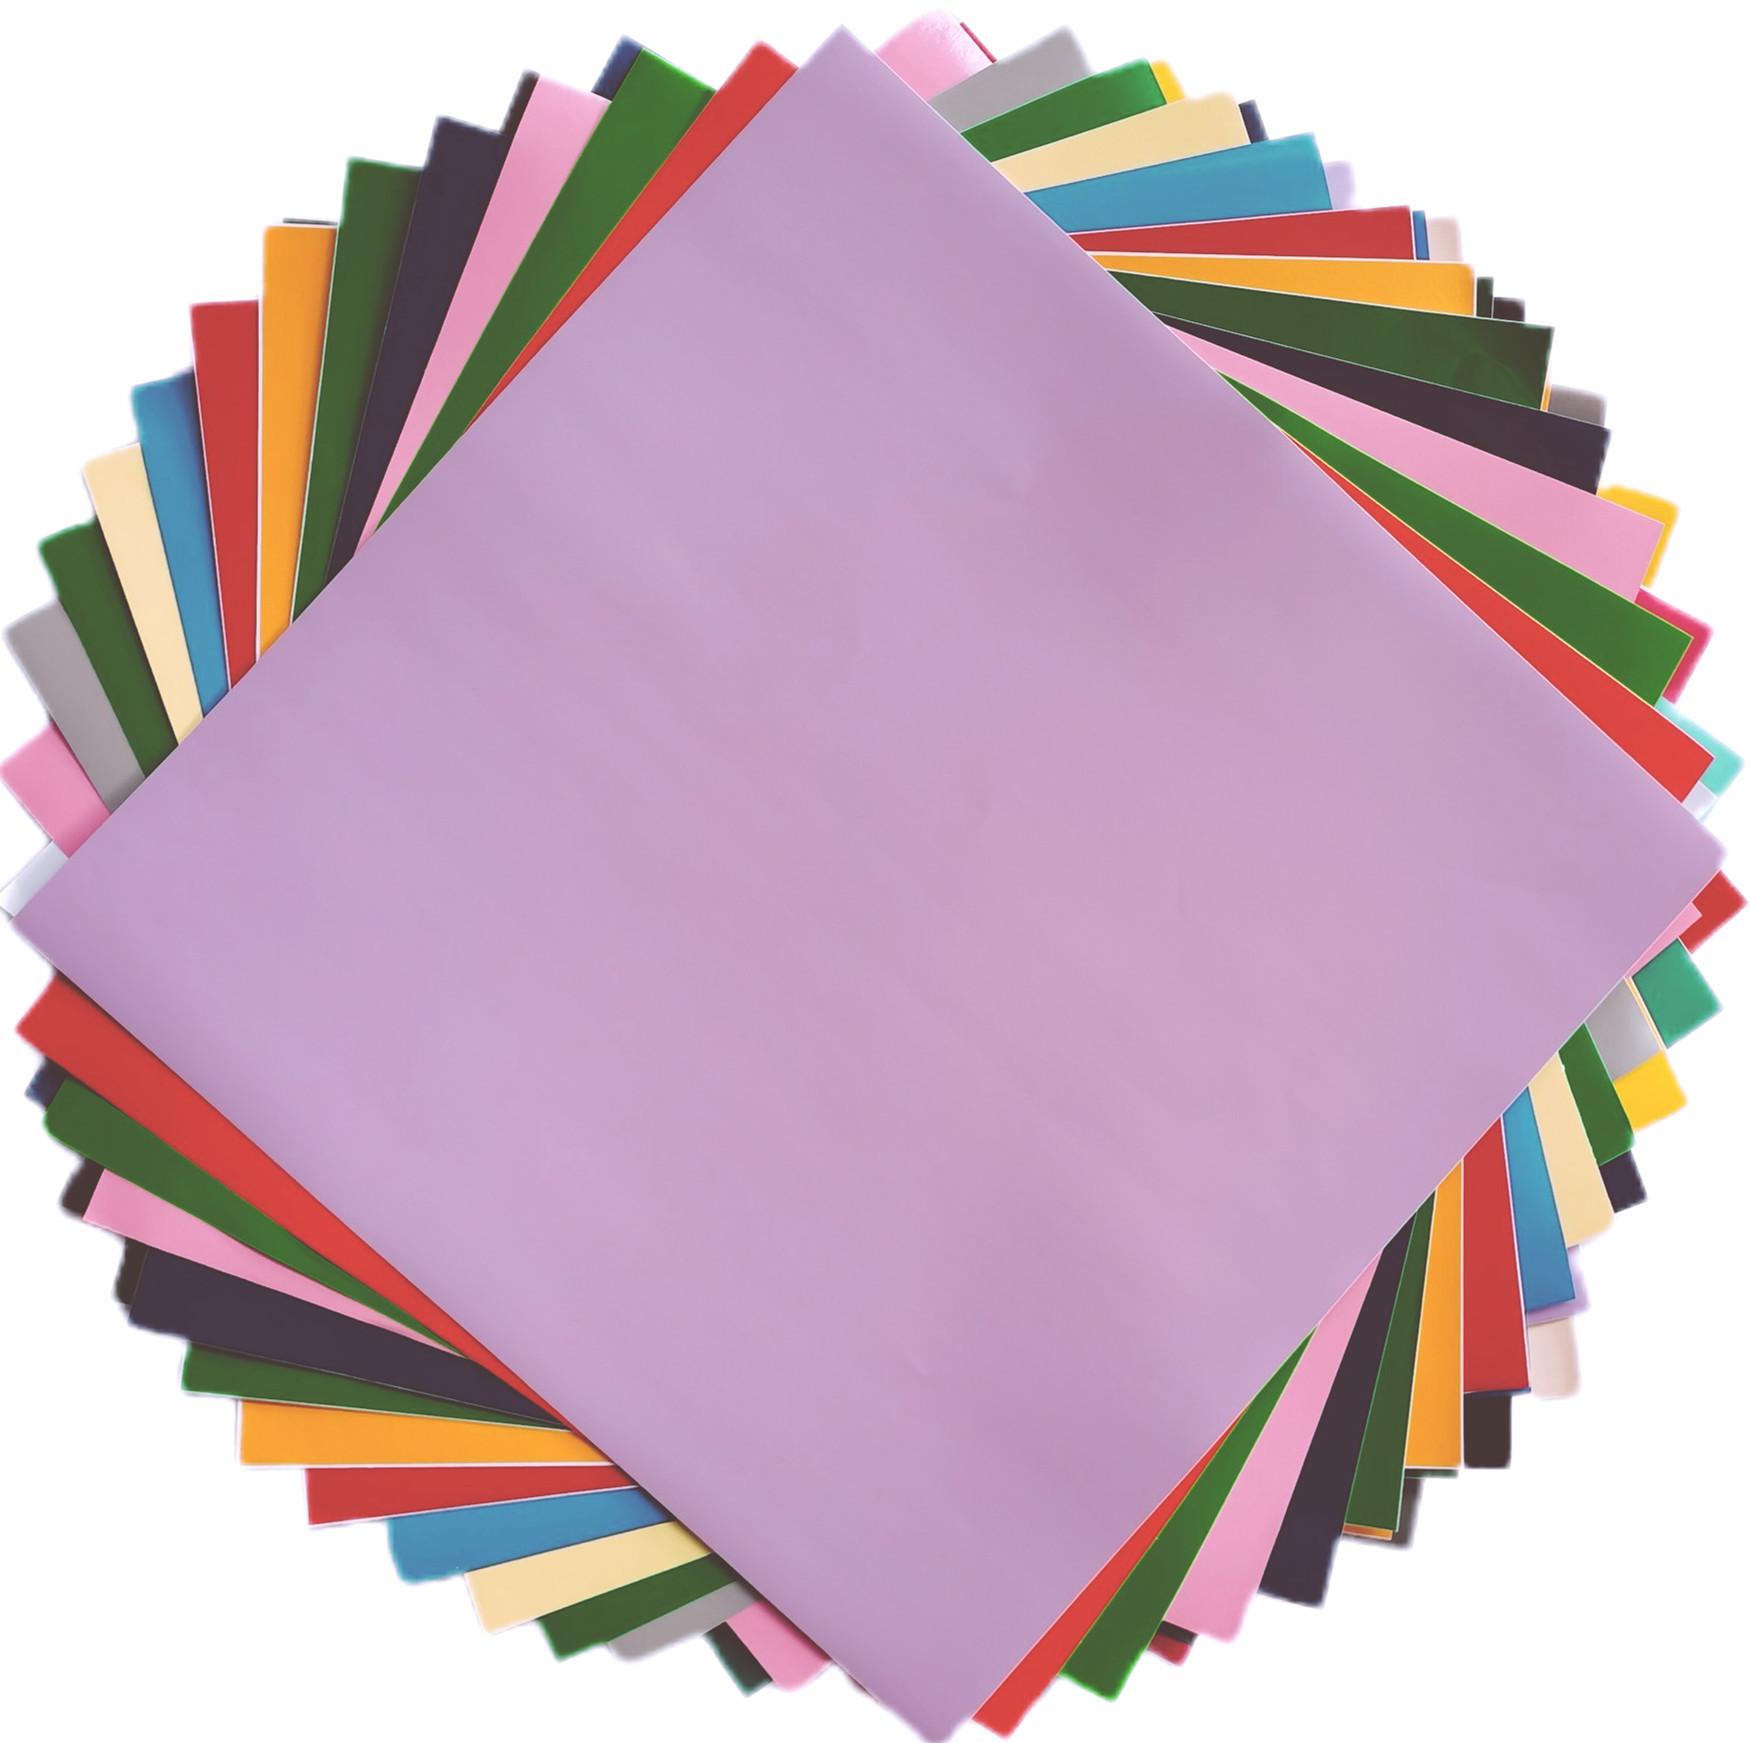 pvc不干胶彩色即时贴刻字贴自粘背胶防水防潮片装加厚墙贴纸壁纸